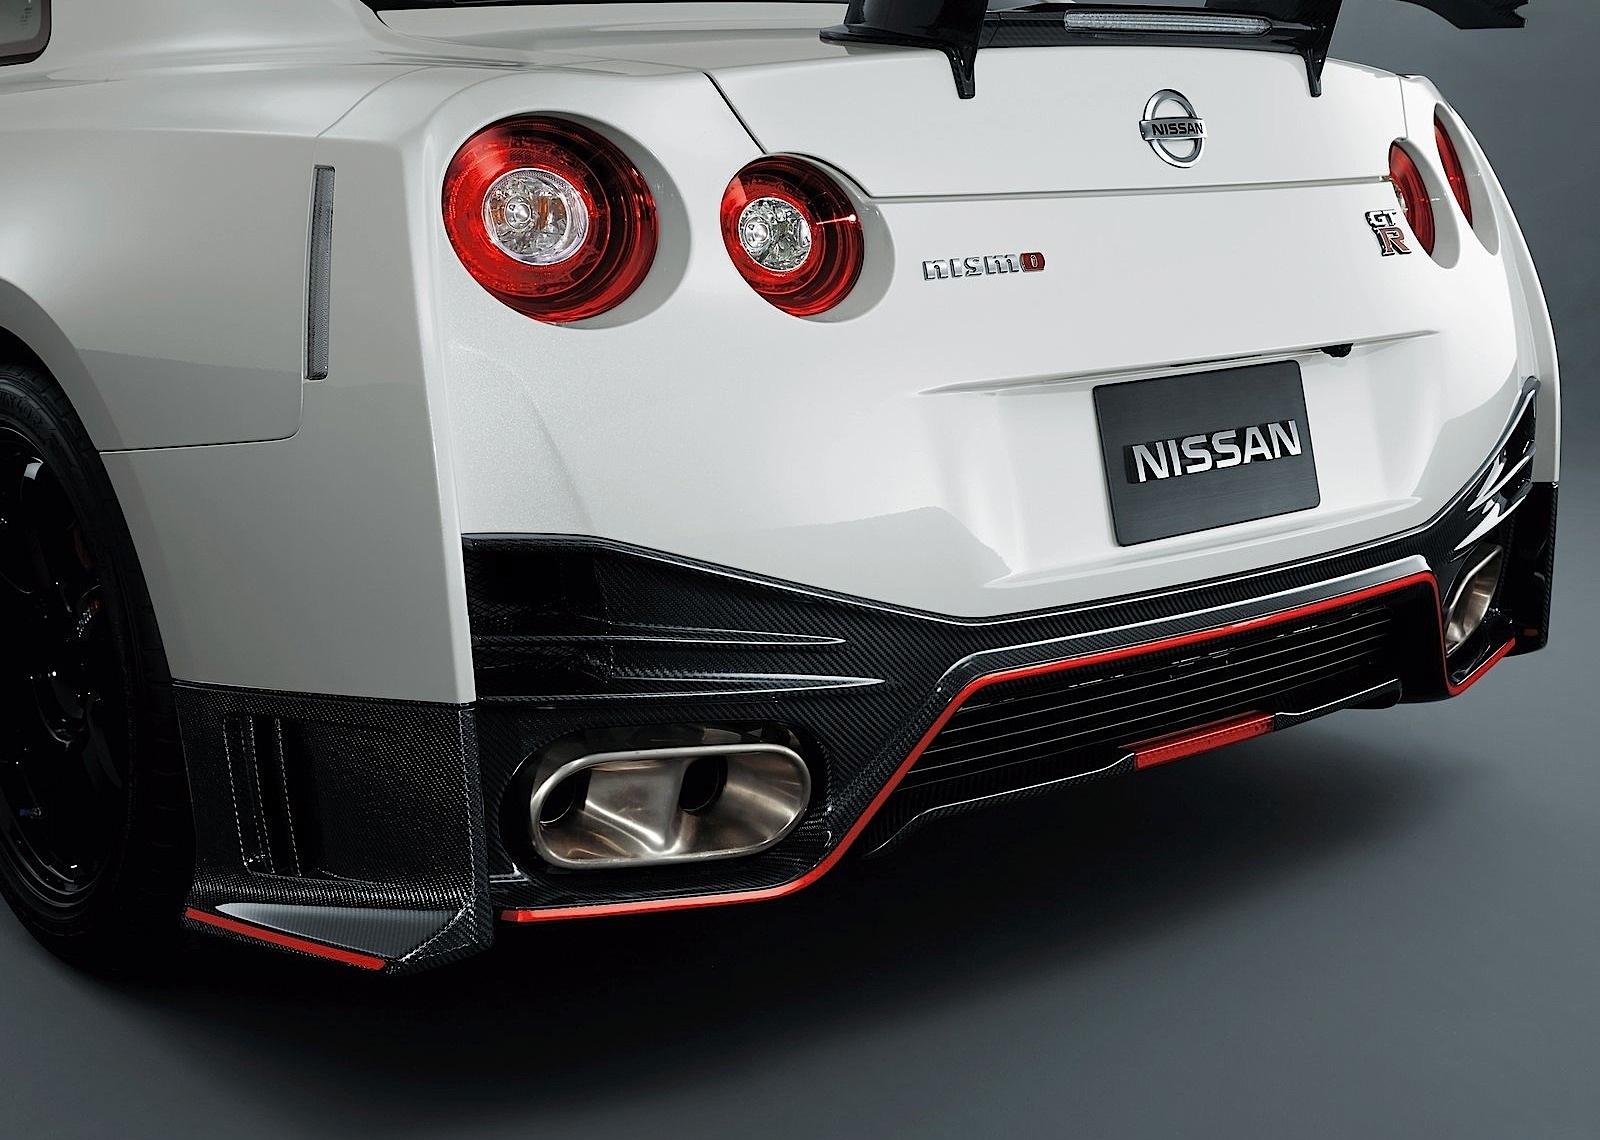 Nissan-gt-r--r35--nismo-5327_75